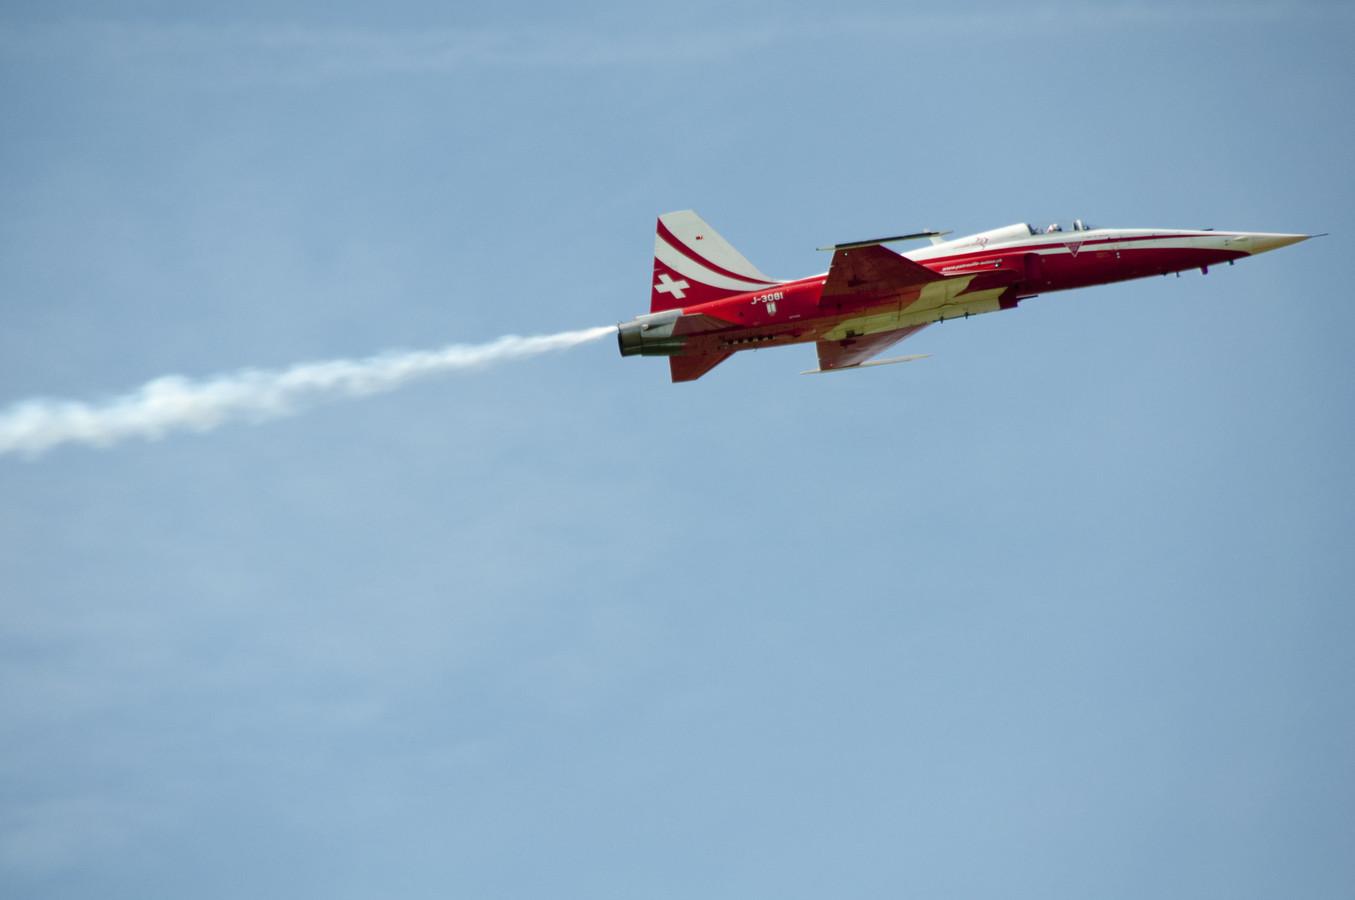 Een F-5 vertrekt vanaf de luchtmachtbasis in Leeuwarden